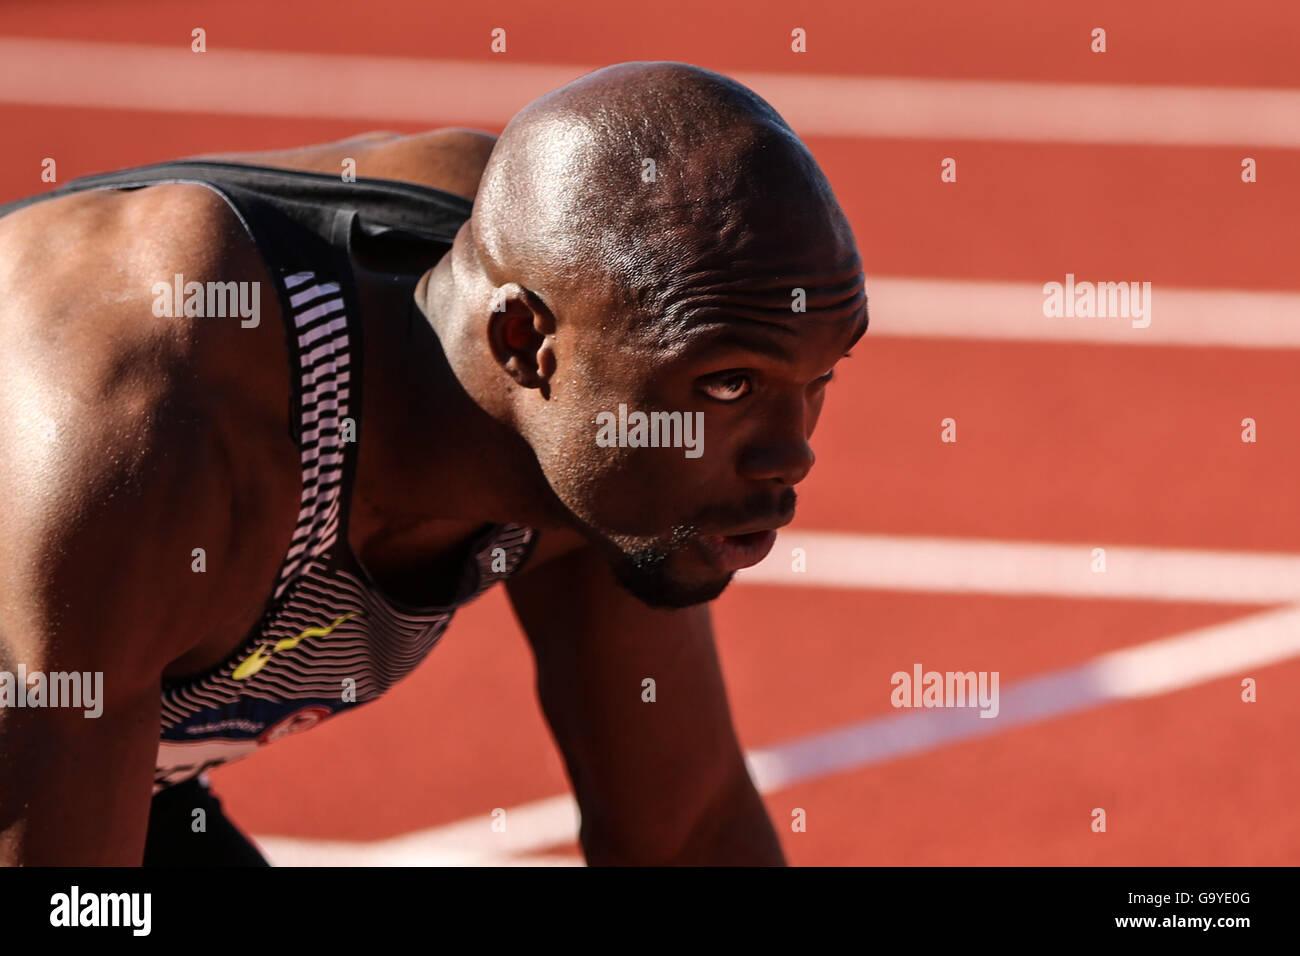 1 luglio 2016 - LASHAWN MERRITT siede in blocchi di partenza durante la 400m prelims in USA Track & Field prove Immagini Stock